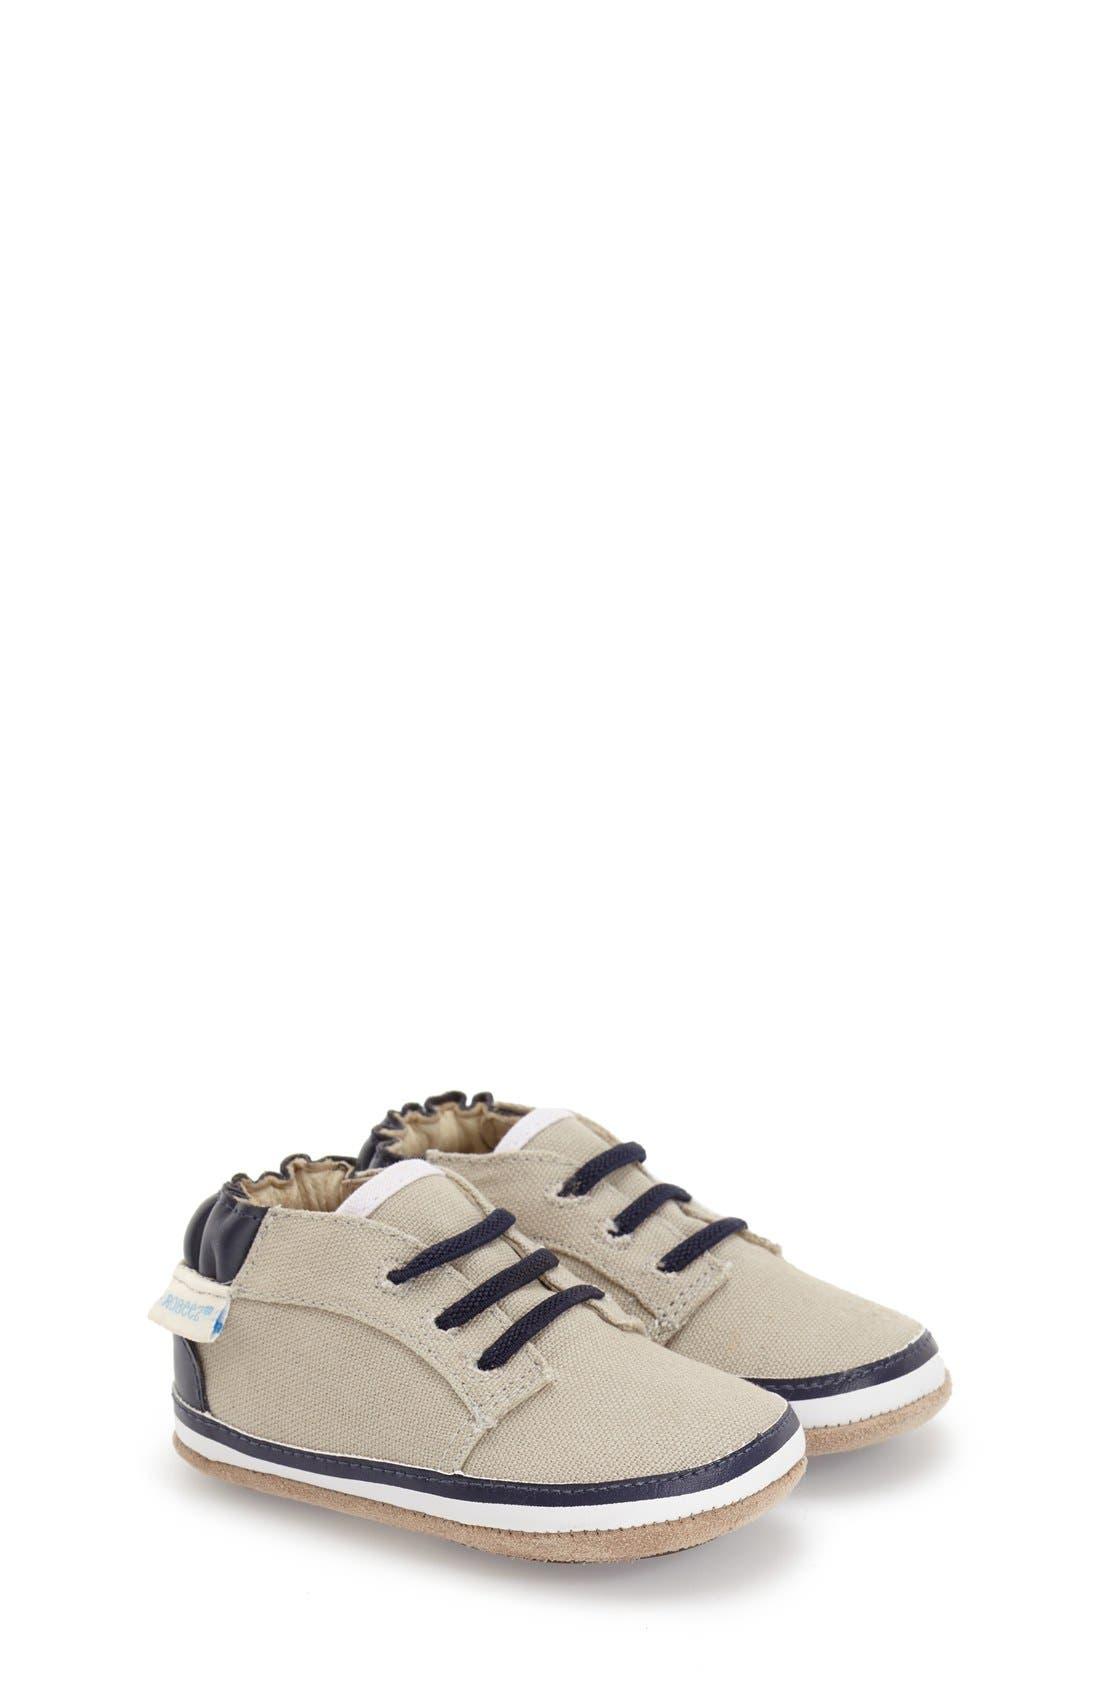 Robeez® 'Tyler Low Top' Crib Shoe (Baby)